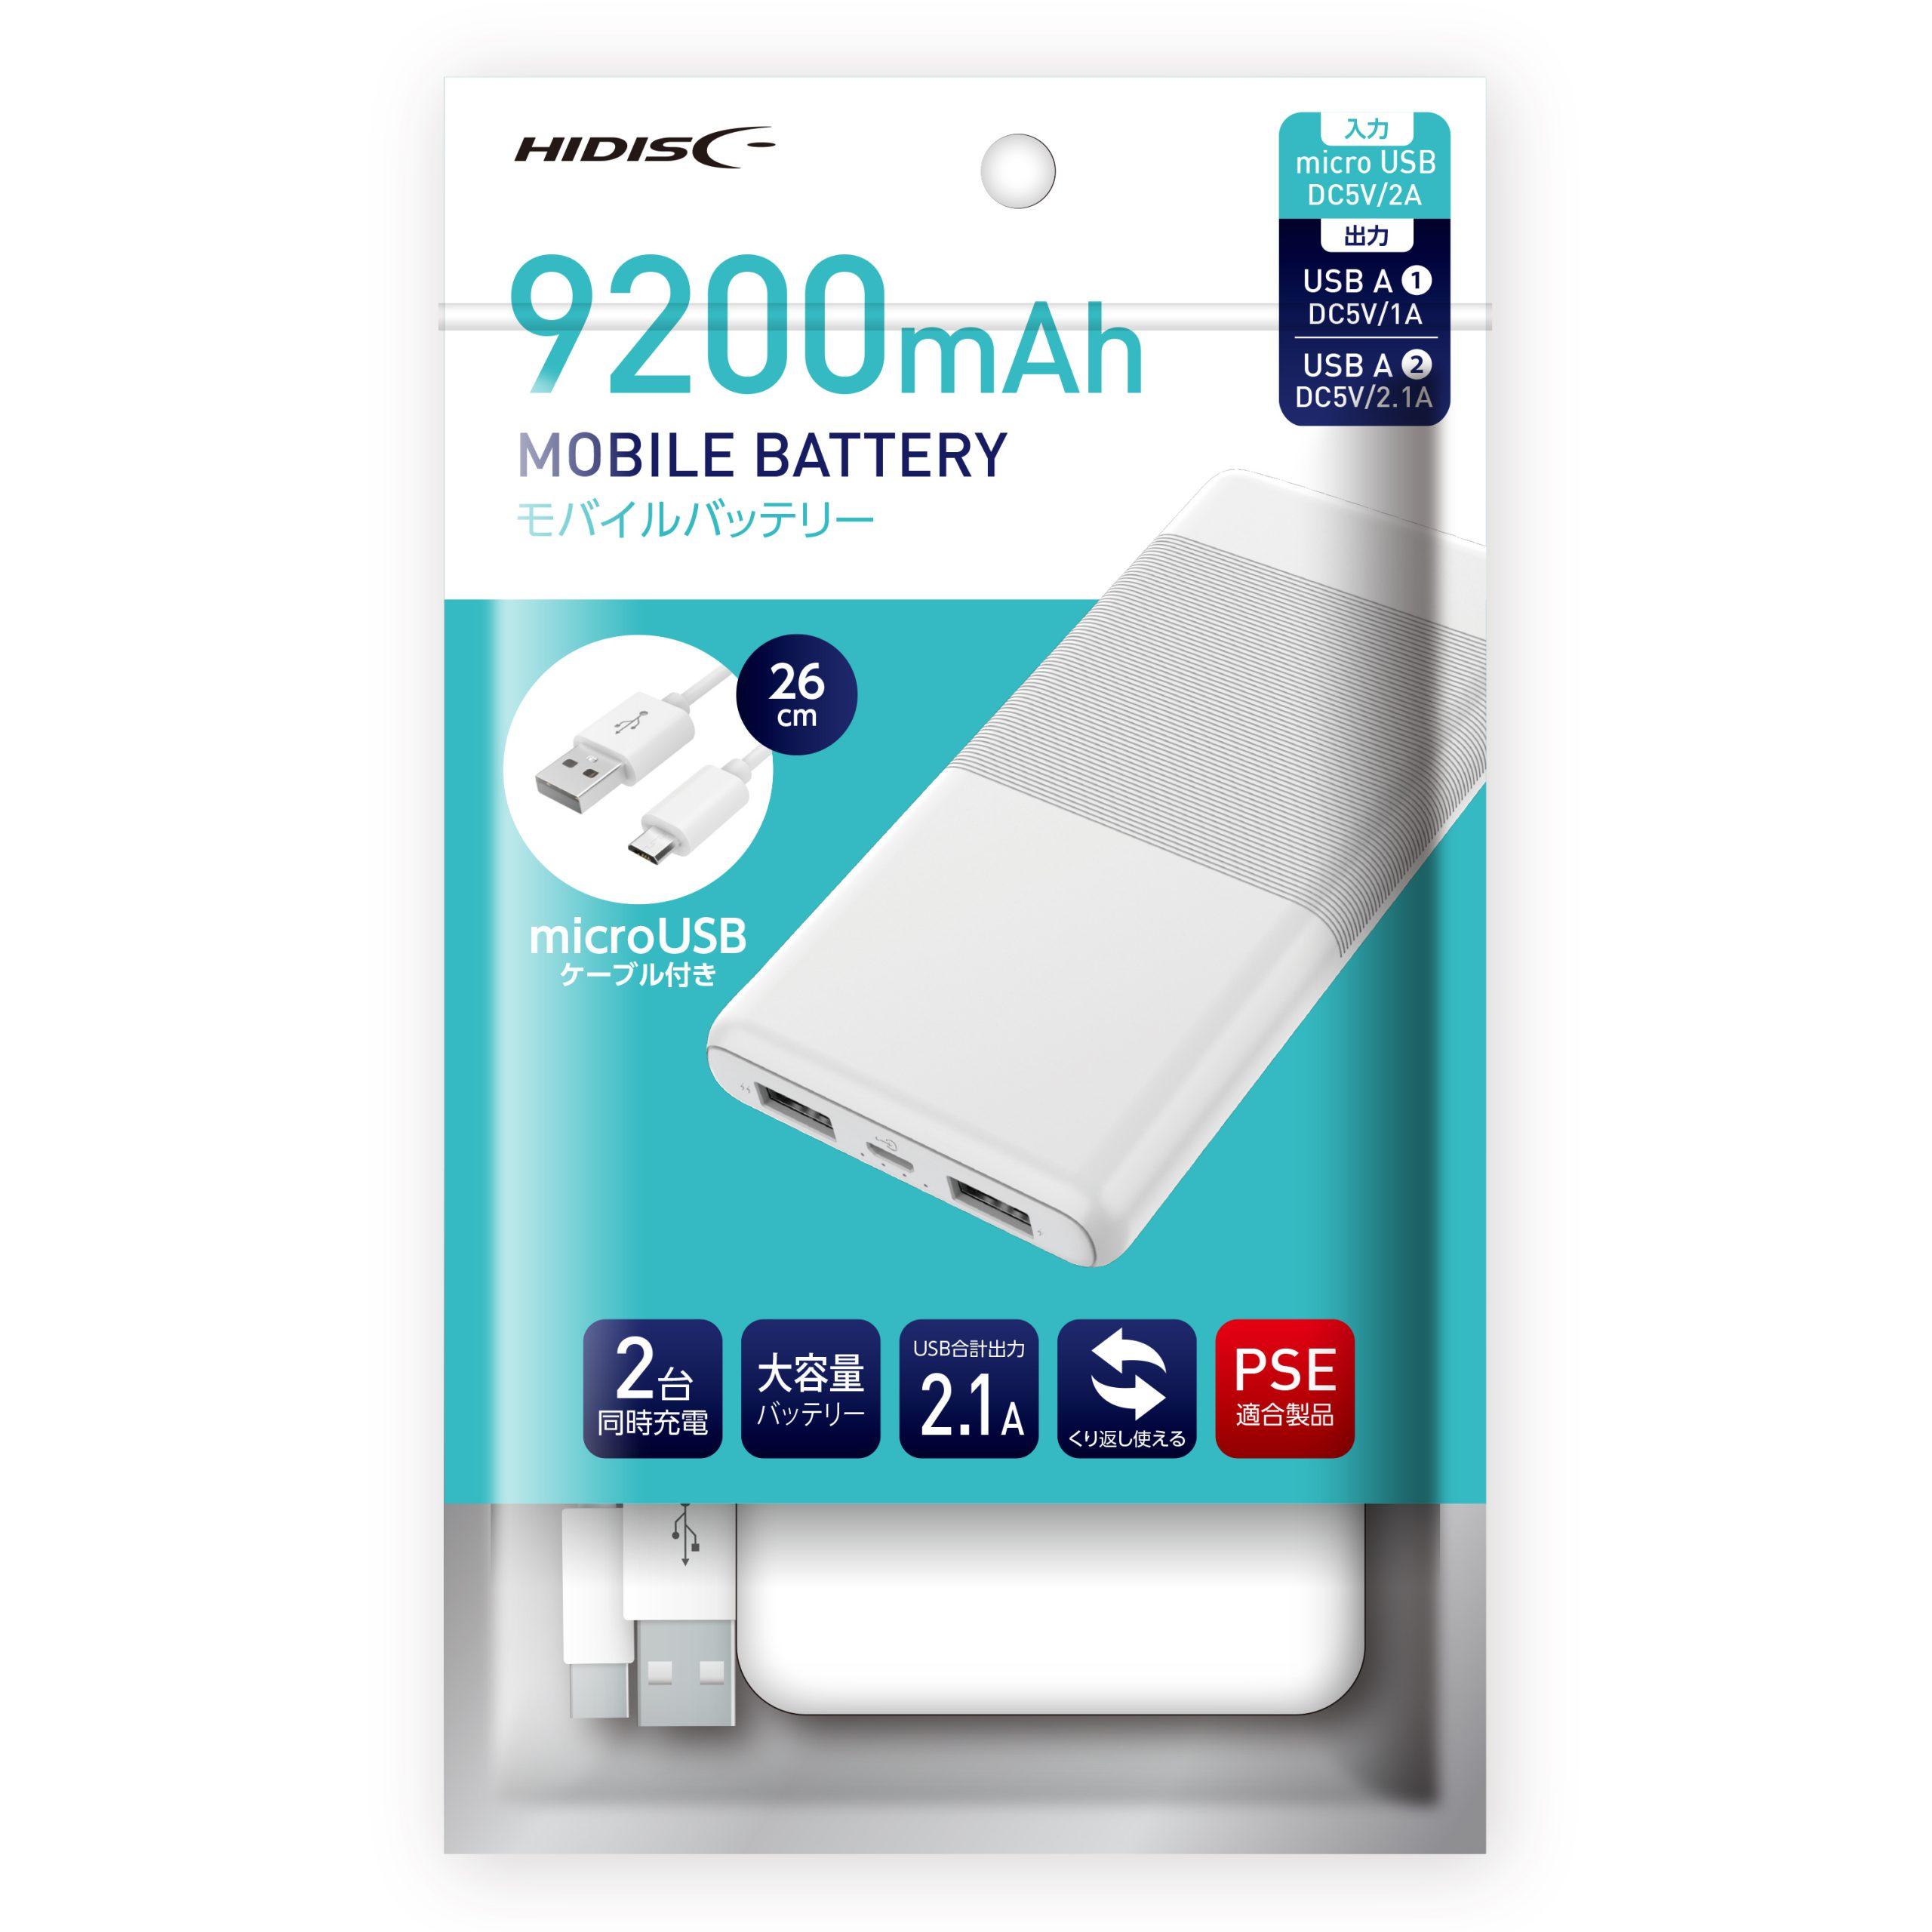 HIDISC OPP包装 モバイルバッテリー9200mAh